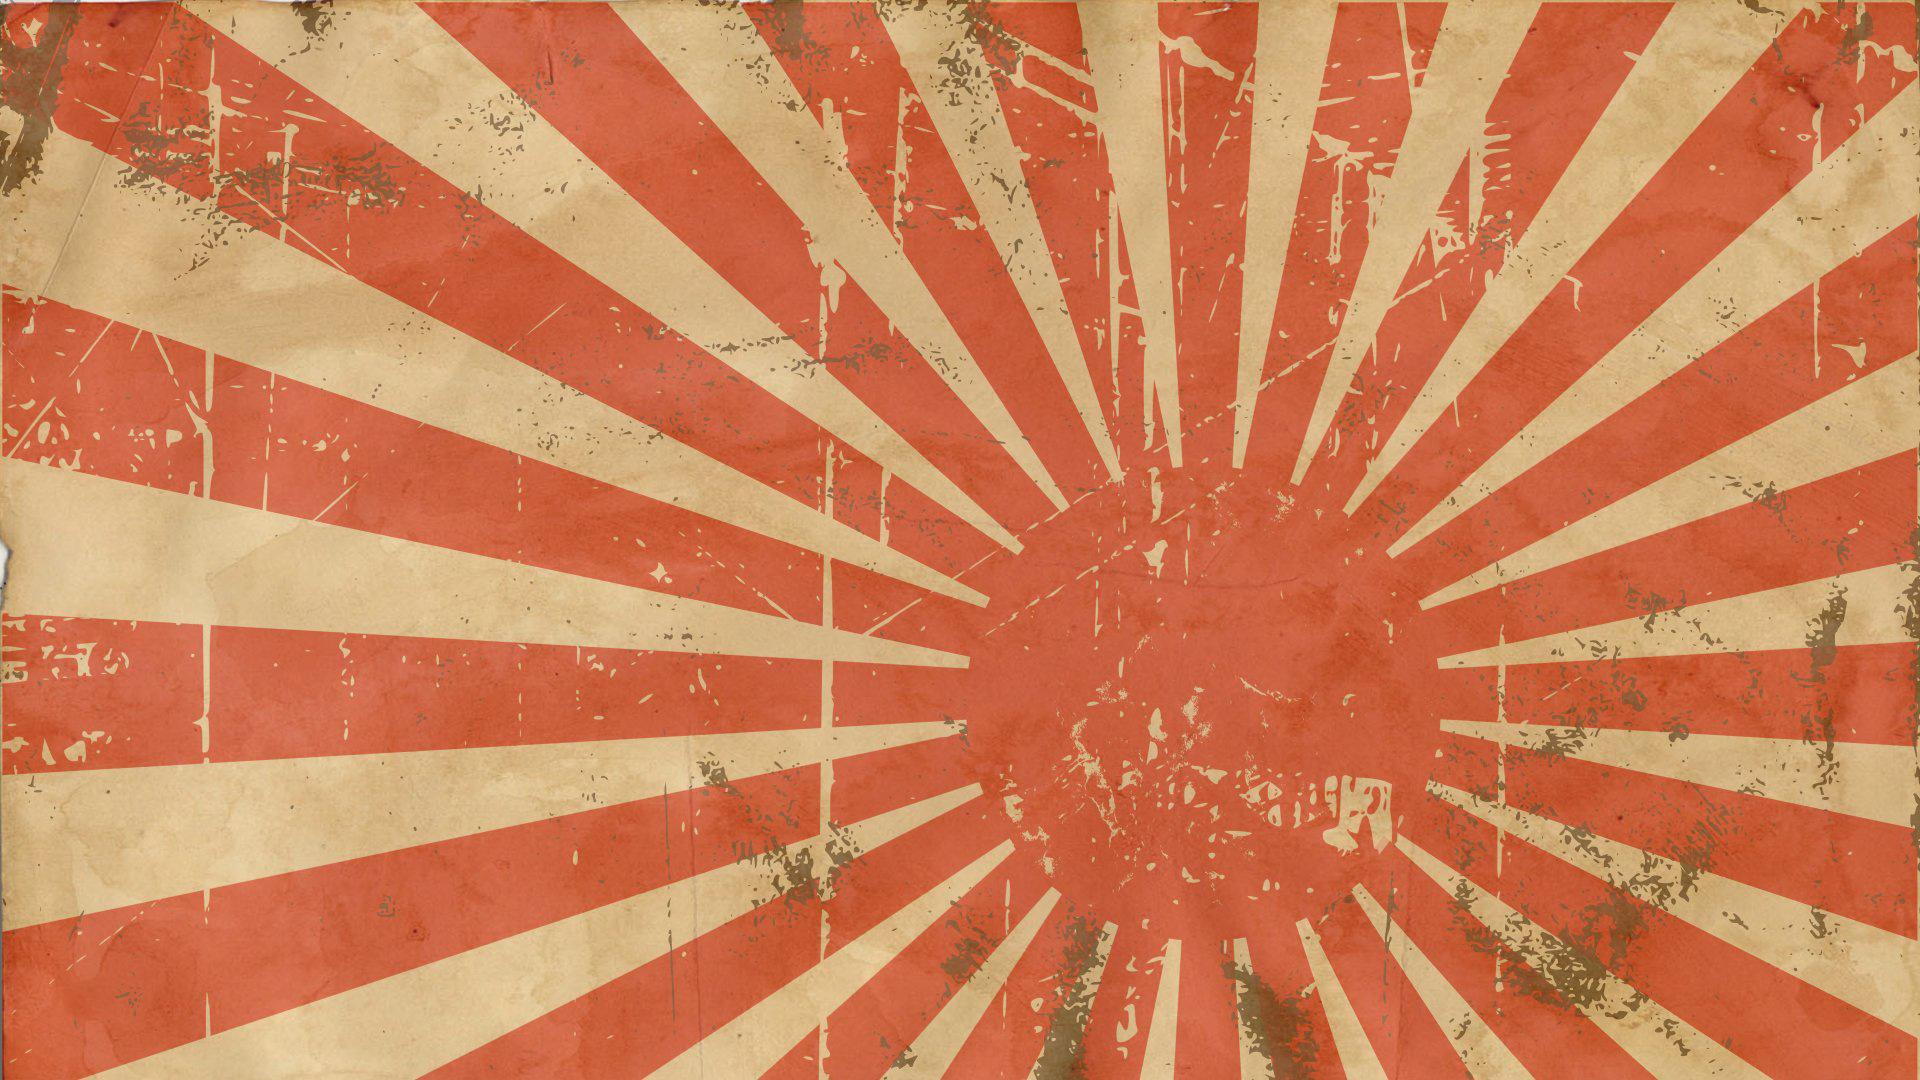 Japan Flag Wallpaper High 19201080 Wide Screen Wallpaper 1080p2K 1920x1080